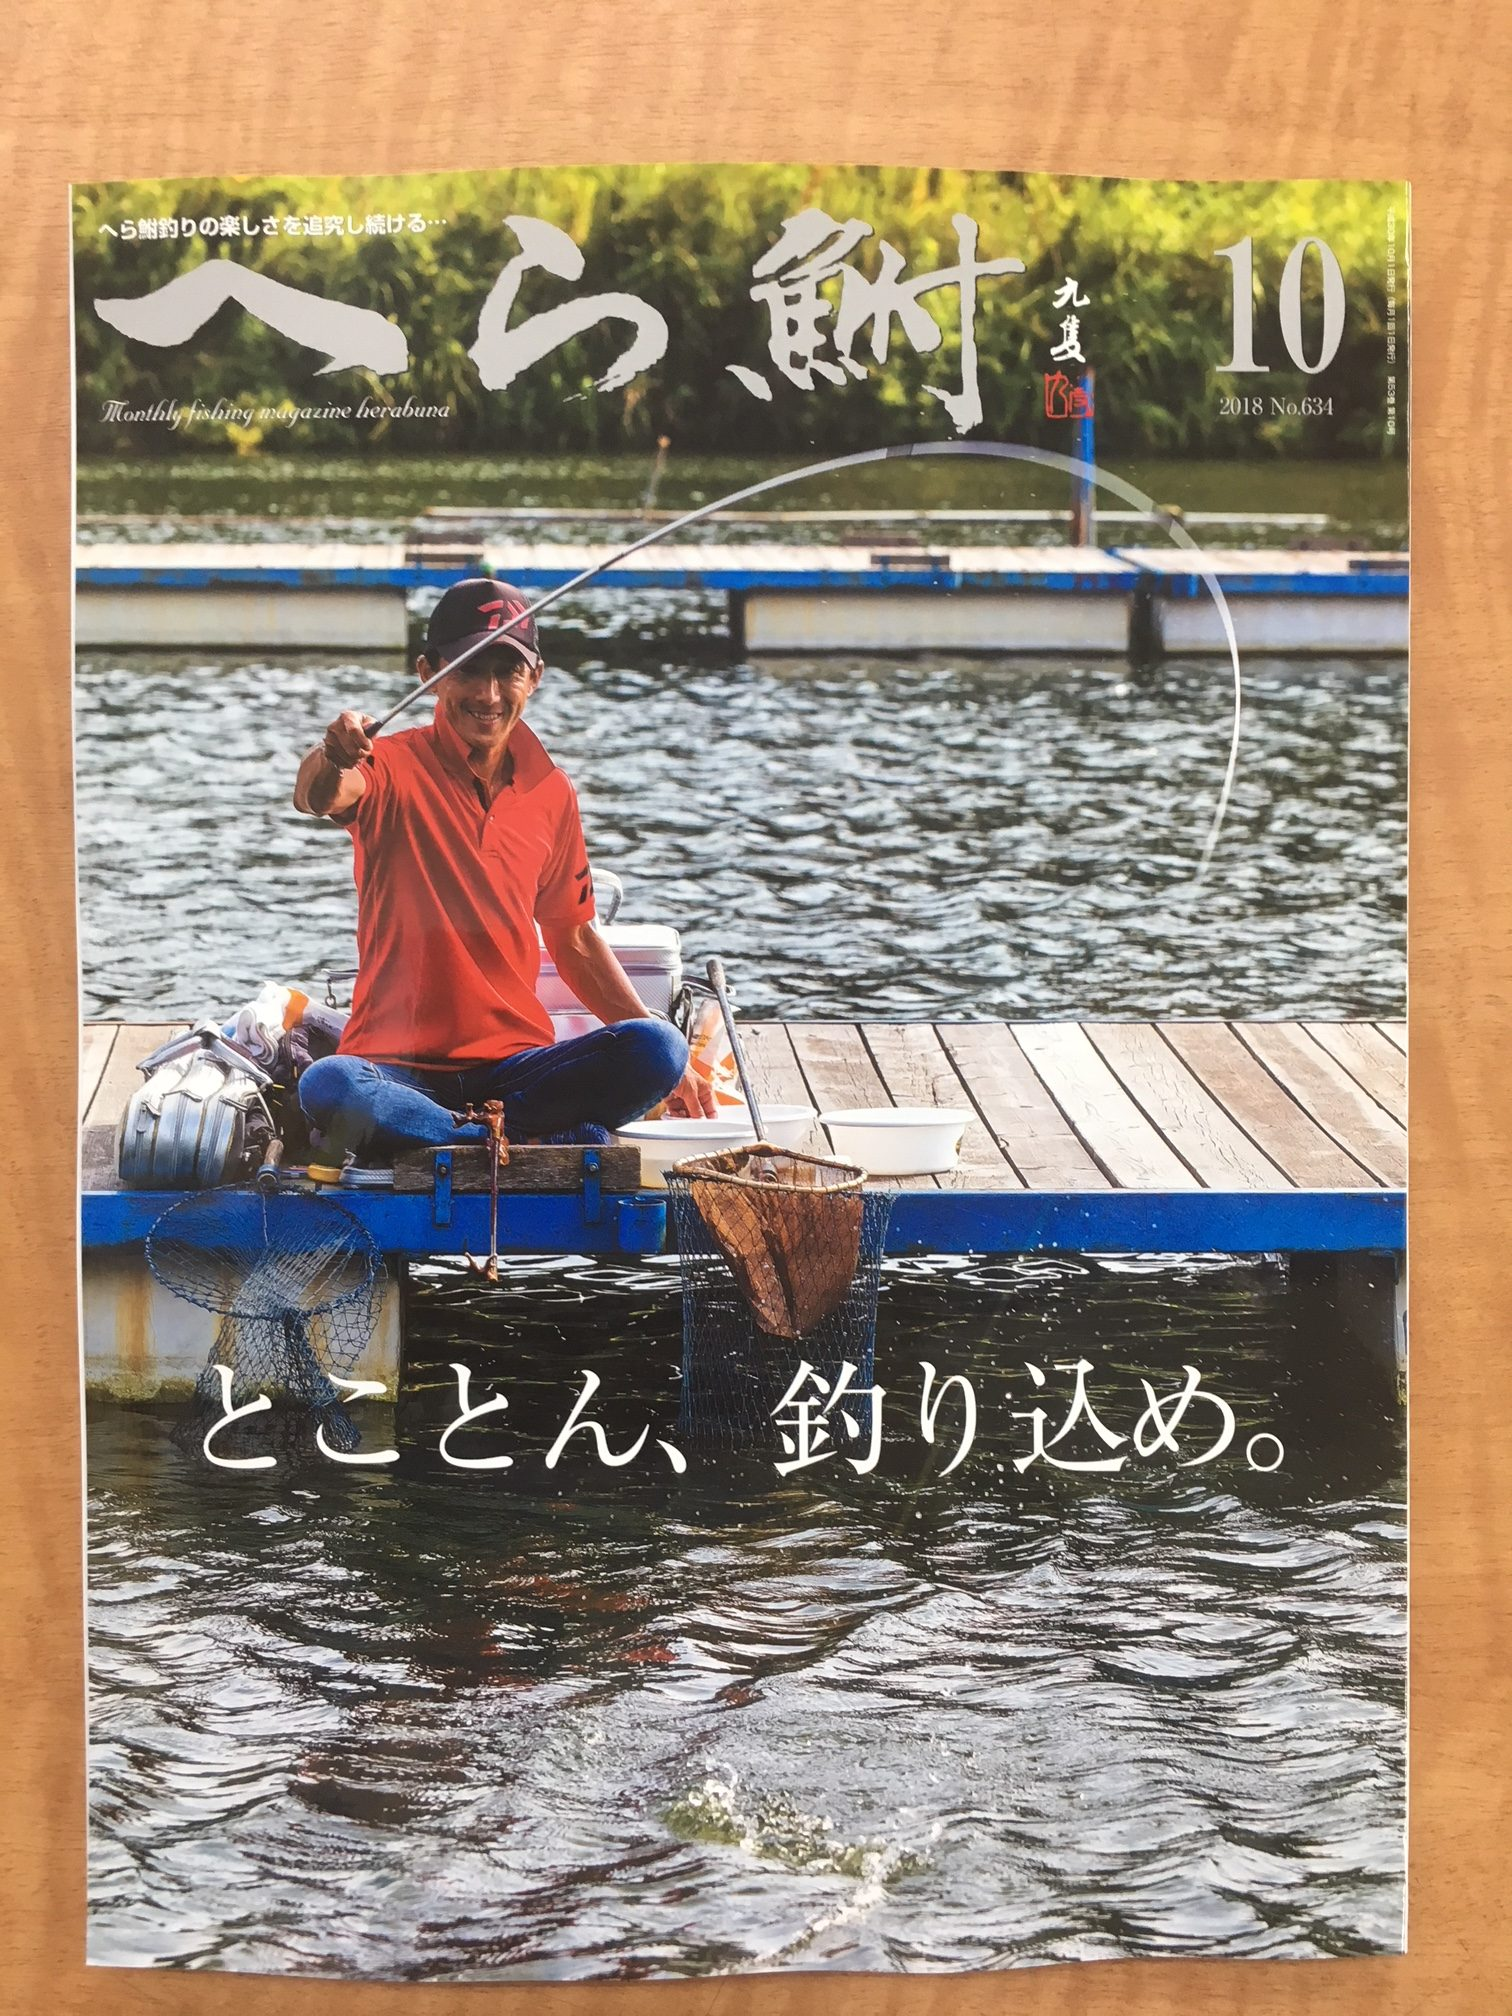 スタッフ千鮎掲載!へら鮒社『へら鮒10月号』